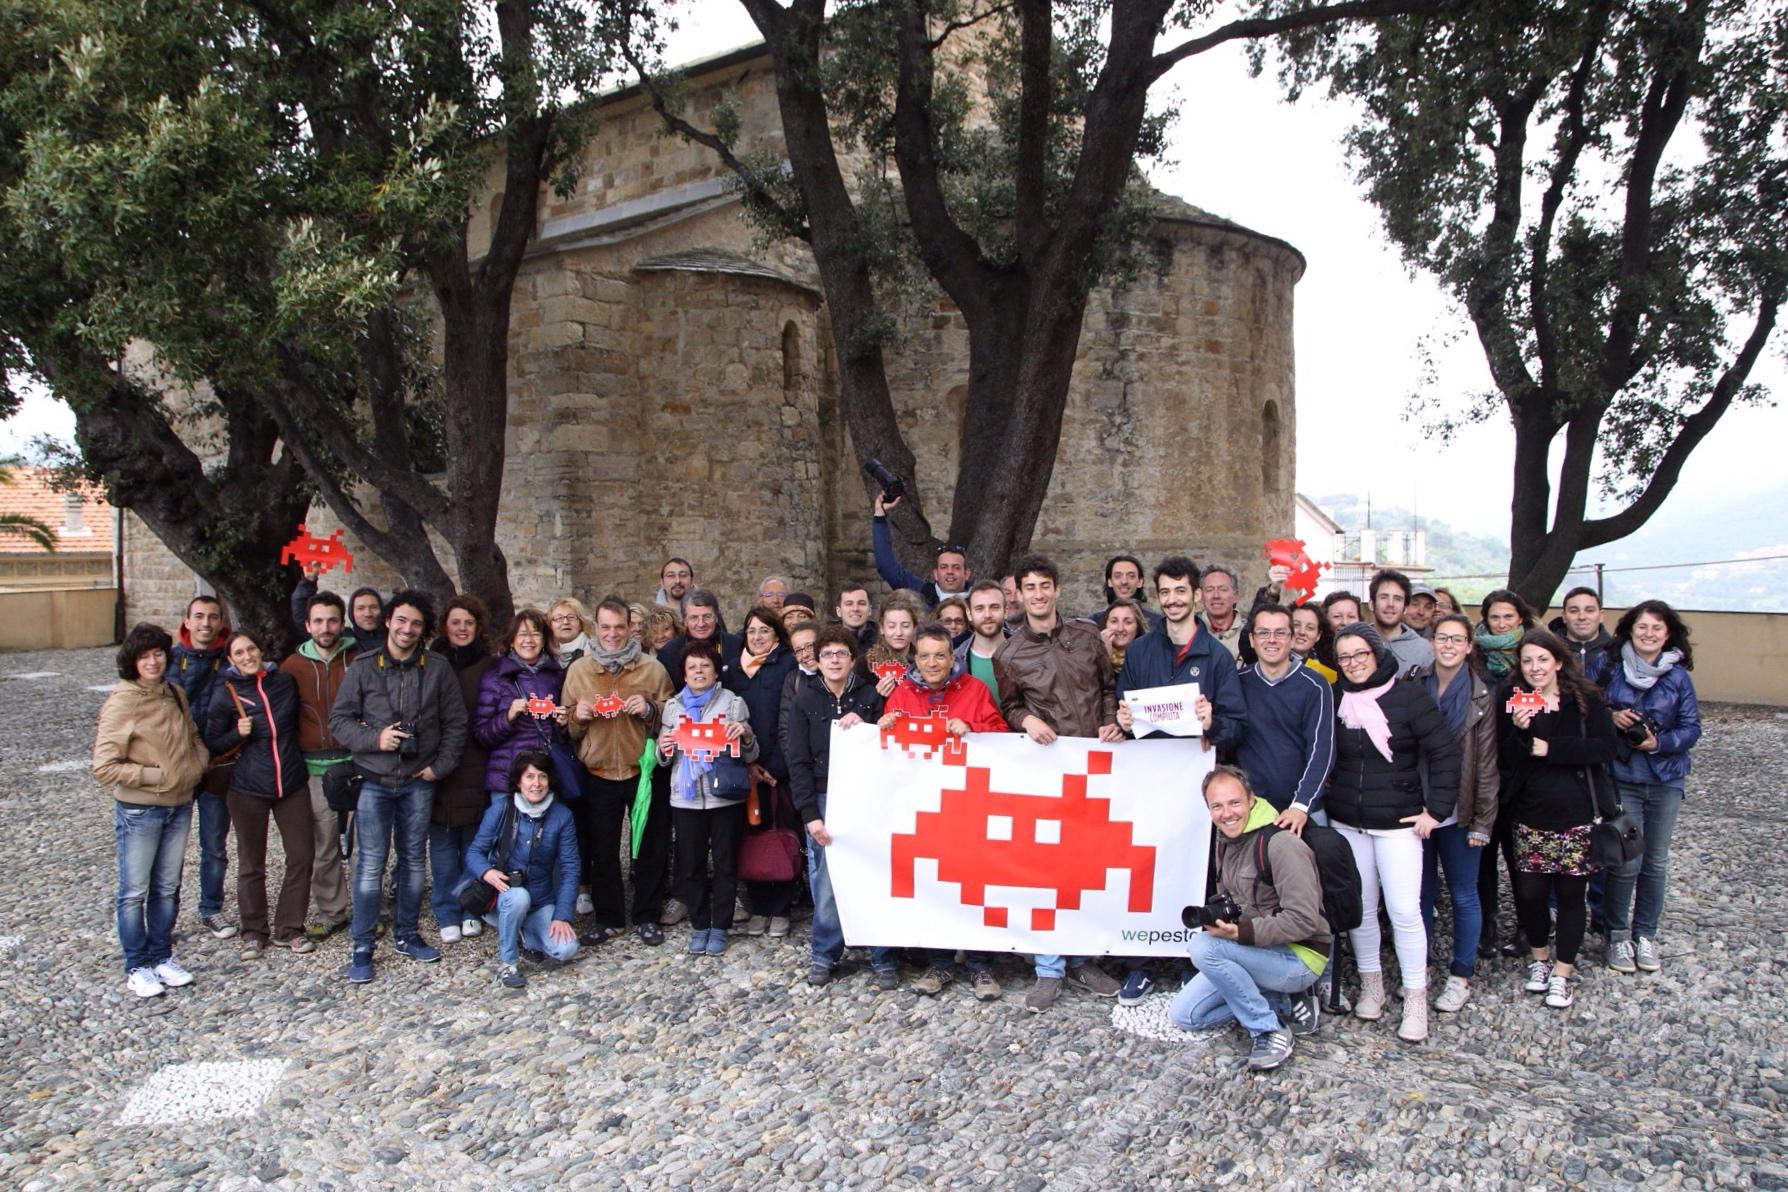 Il gruppo di invasori digitali per l'invasionedigitale 2015 di Diano Castello in Liguria